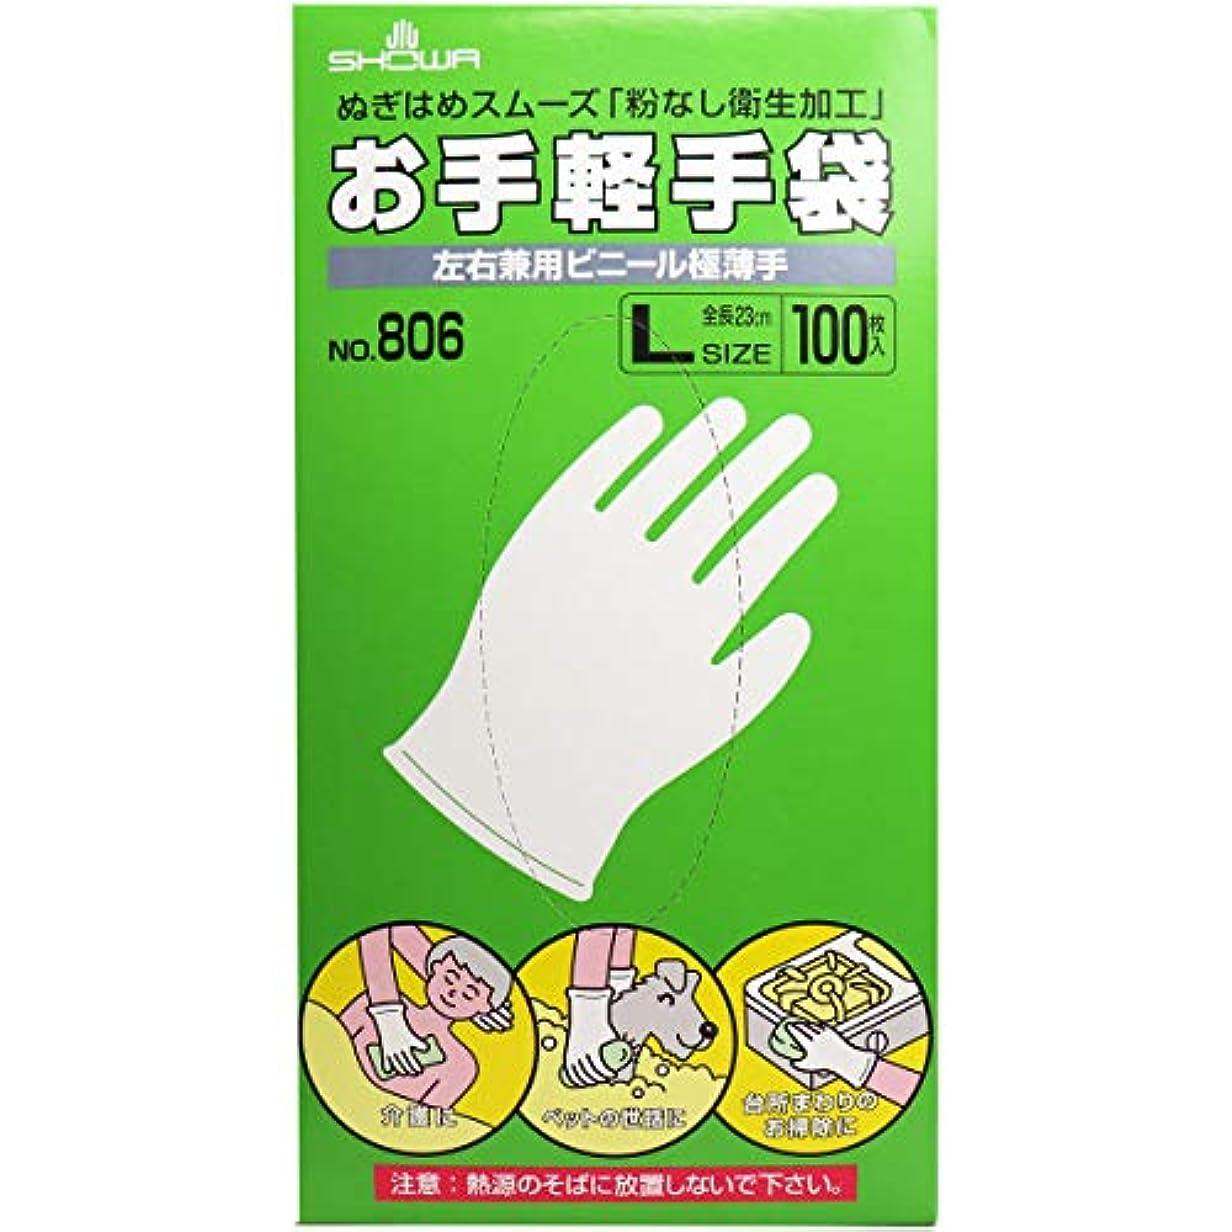 ランドマーク蒸留する保守可能お手軽手袋 No.806 左右兼用ビニール極薄手 粉なし Lサイズ 100枚入×5個セット